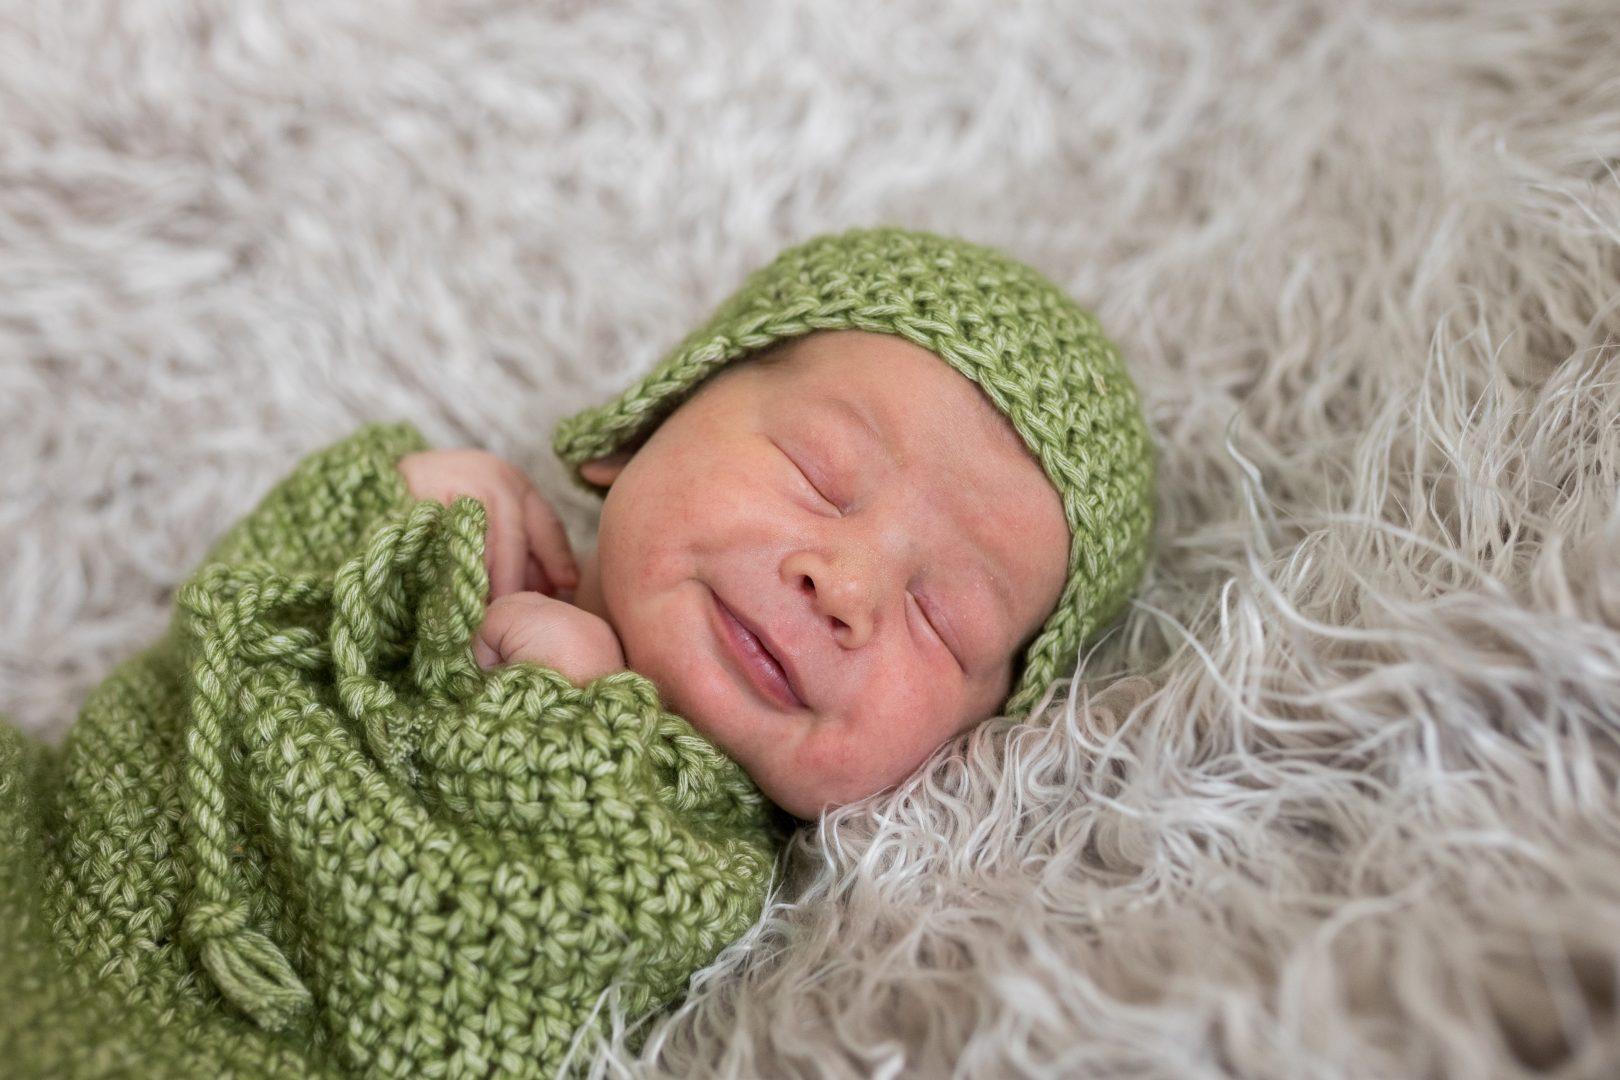 De fotograaf voor newbornfotografie, newbornfotograaf, voorthuizen en omstreken